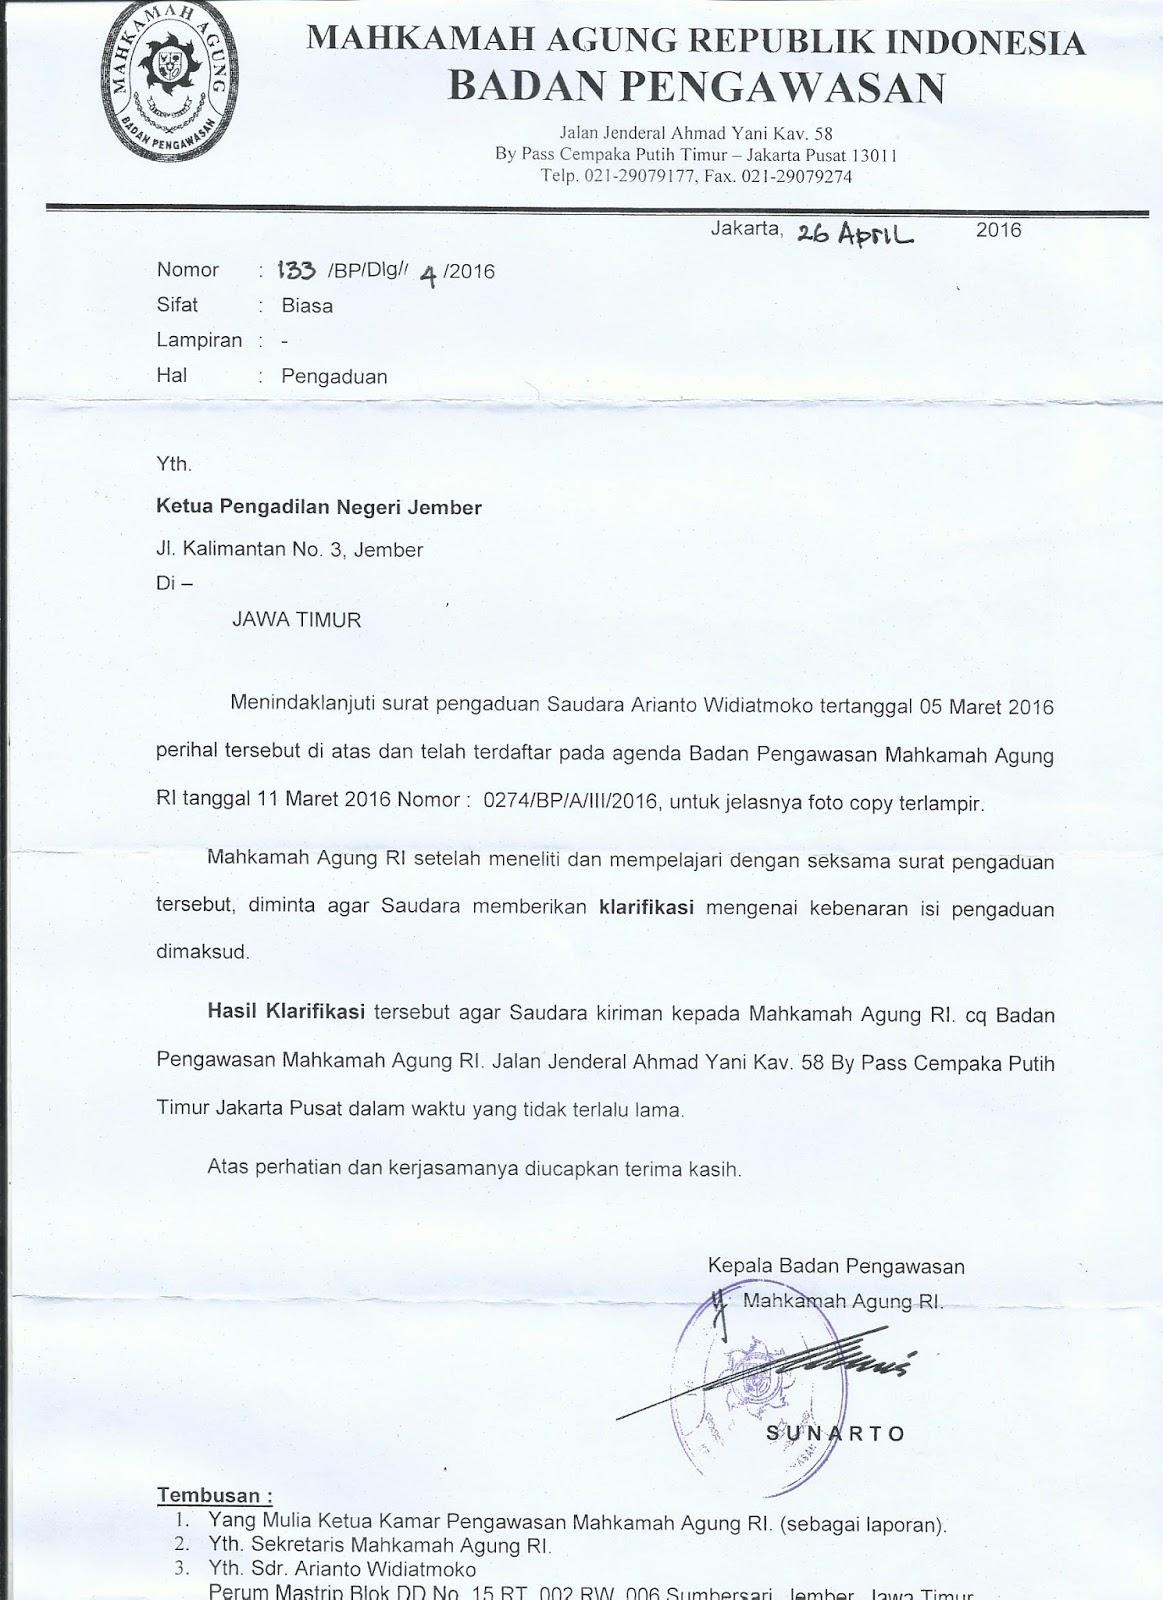 contoh surat gugatan melawan hukum perdata contoh trim